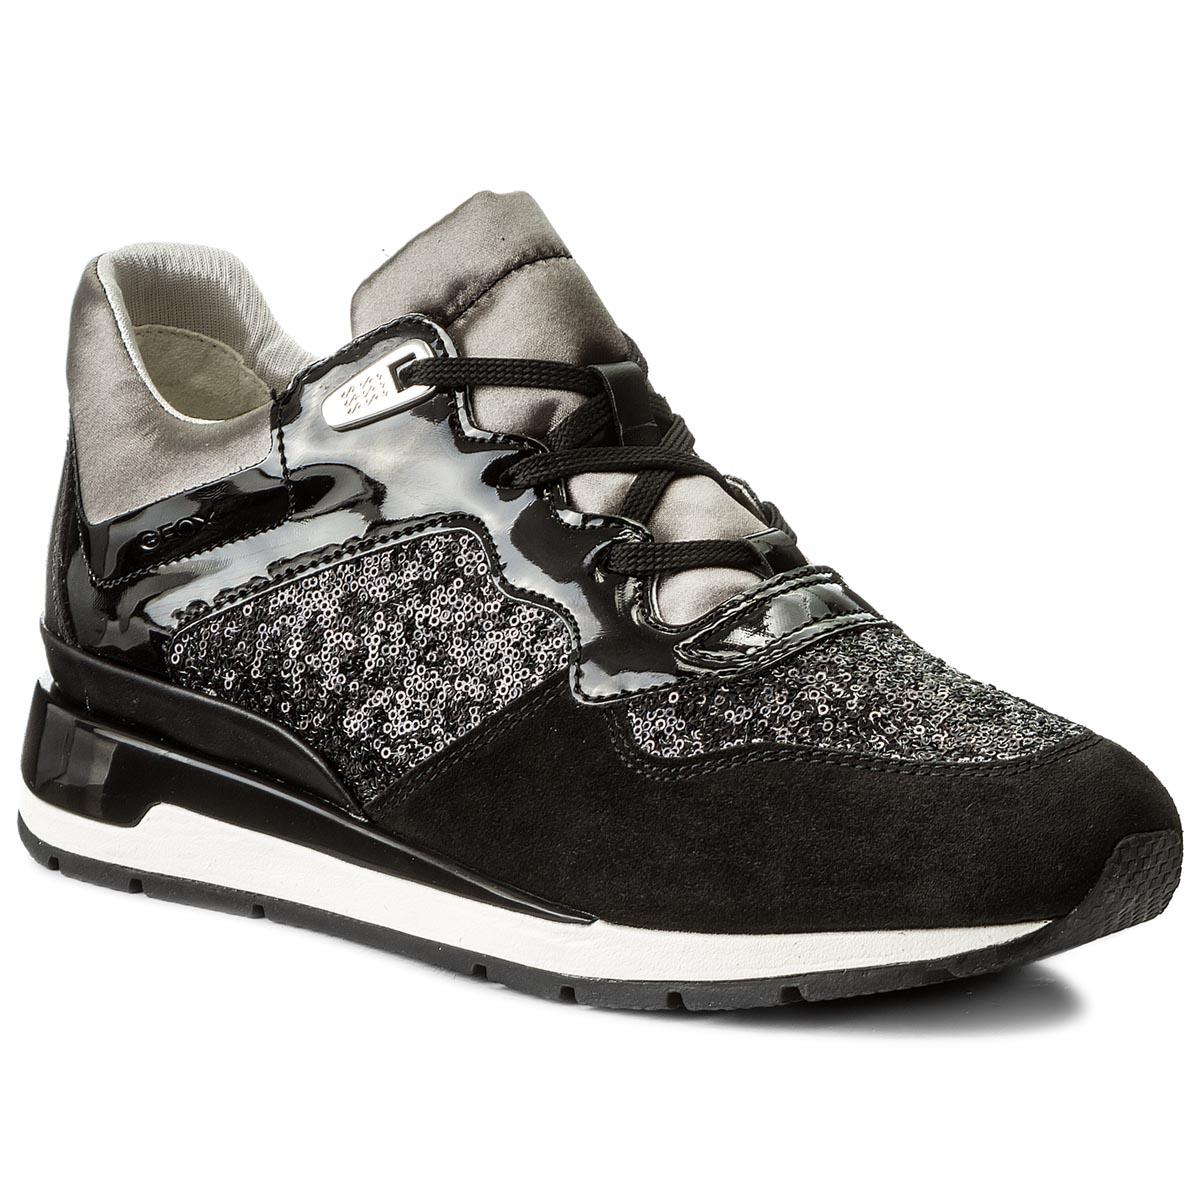 4740e7bd50 Women's Shoes – quality women's footwear online – efootwear.eu - www ...